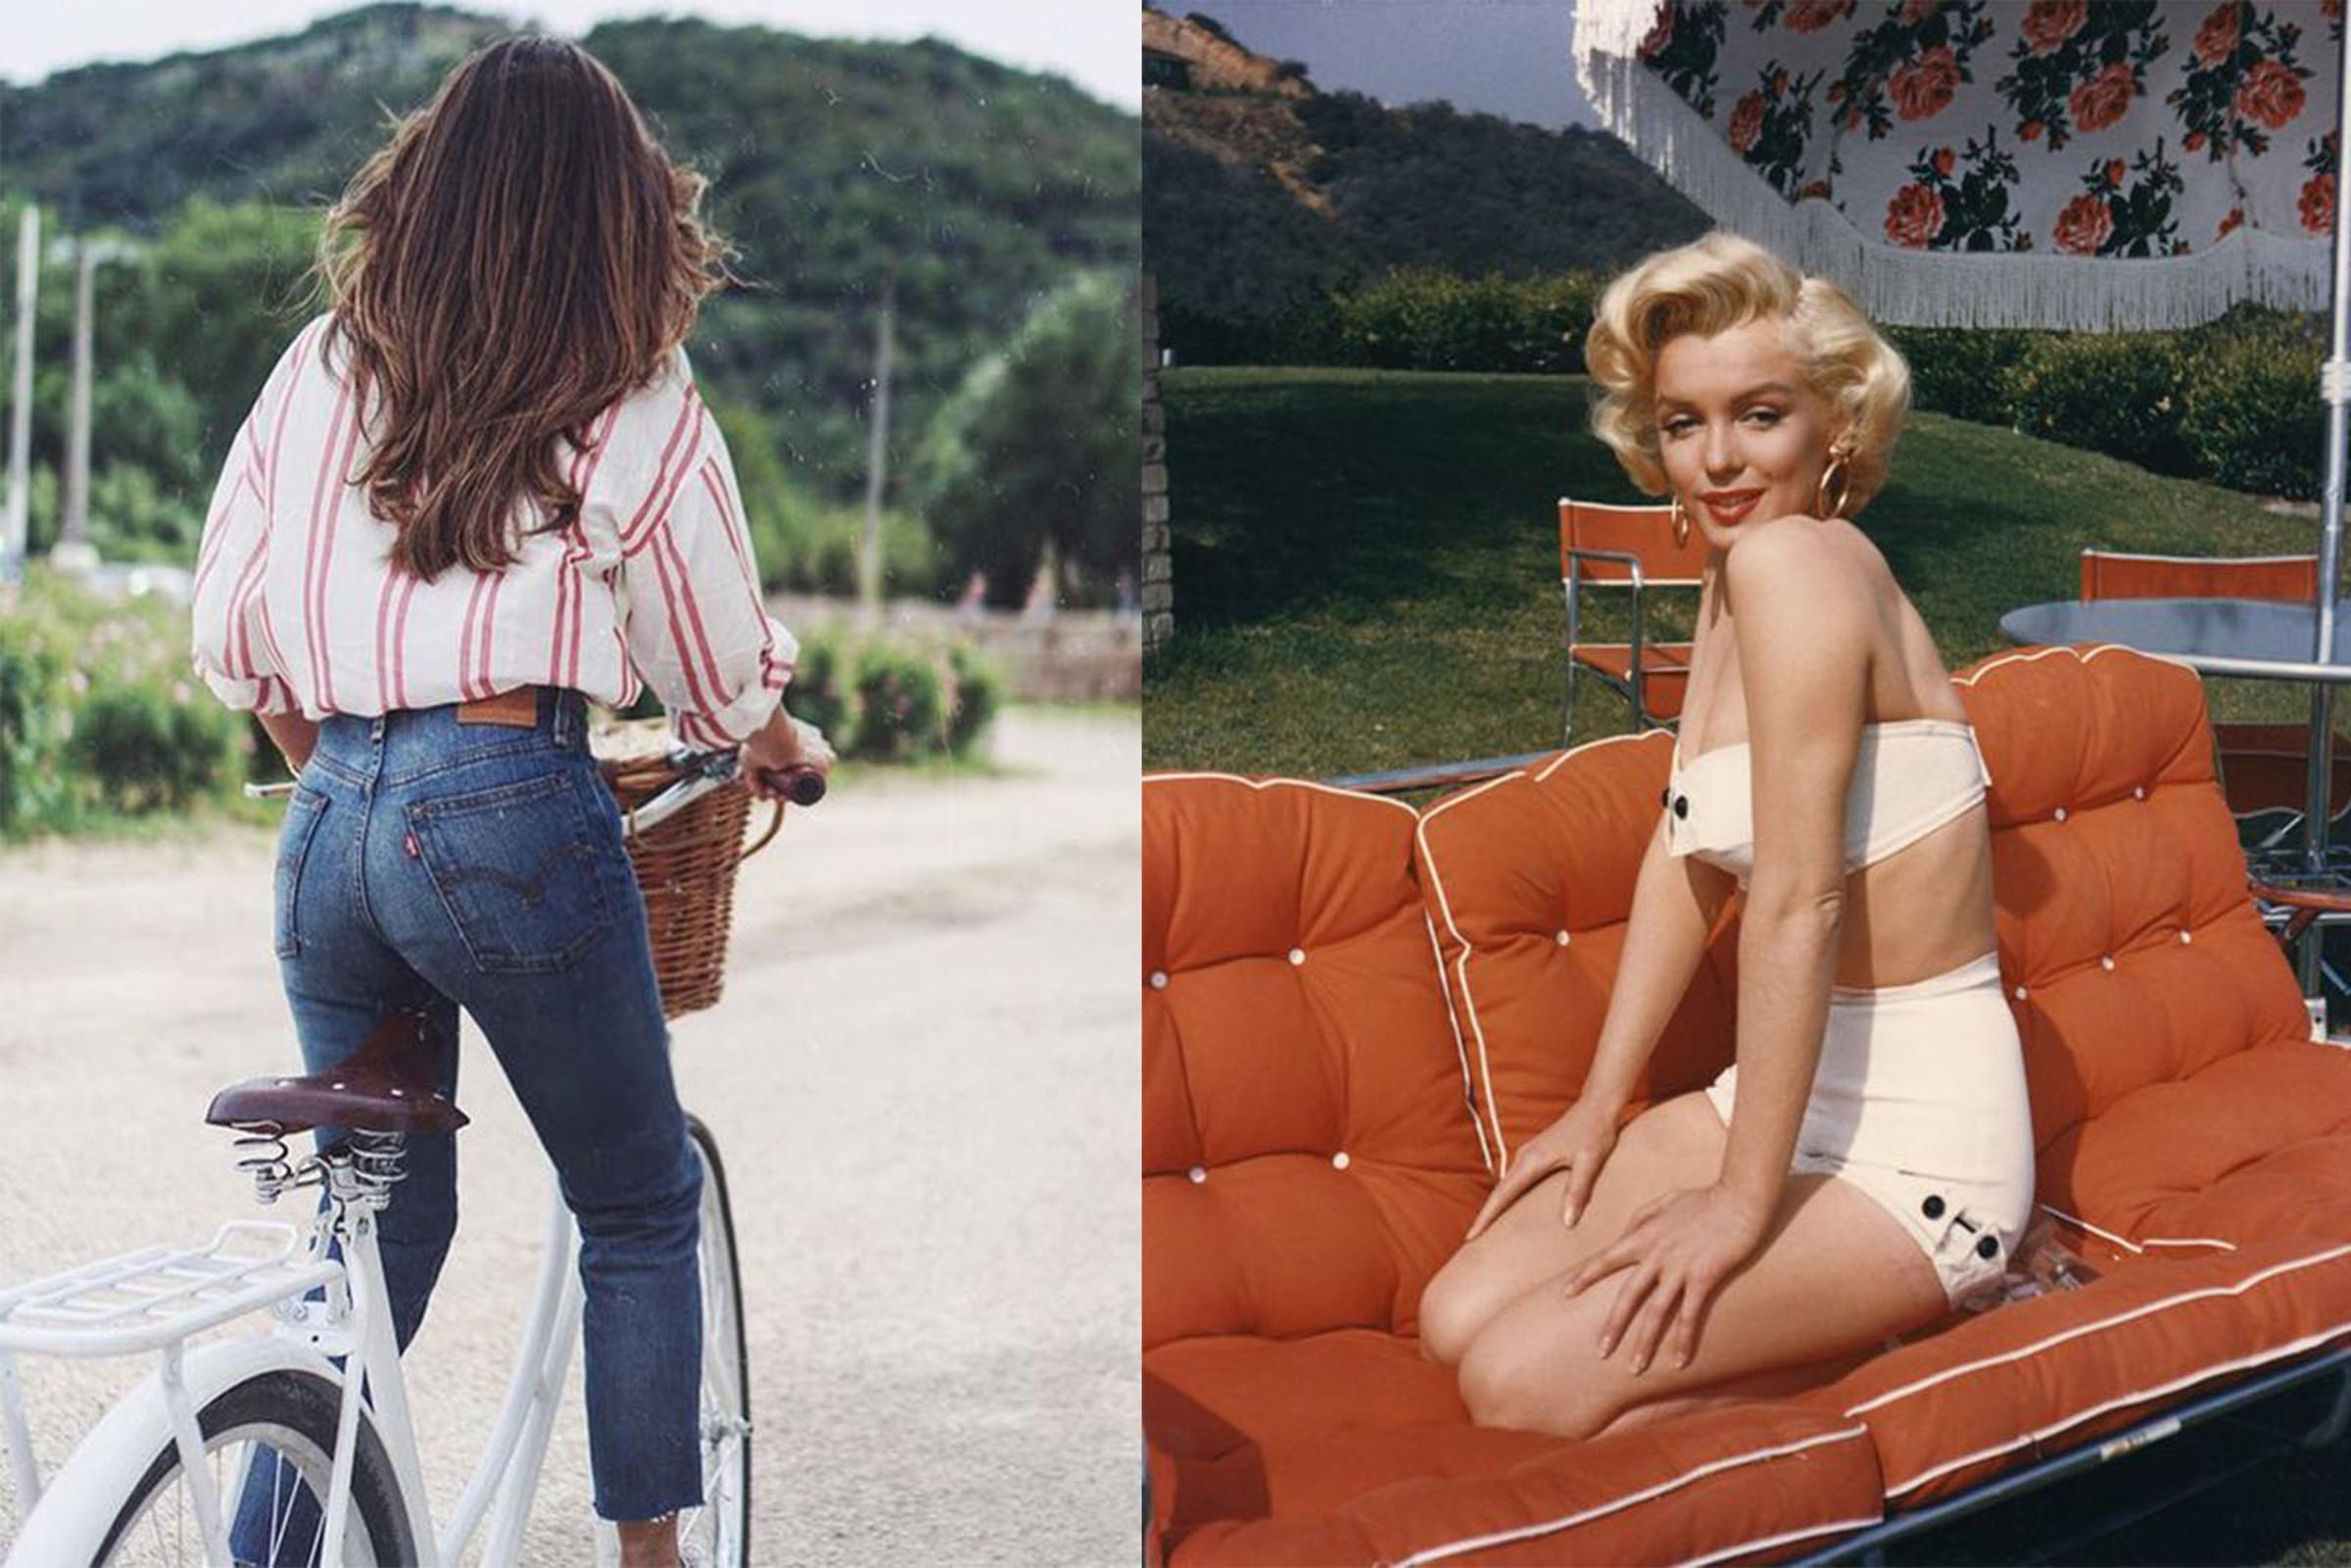 modelsjam-vintage-shopping-online